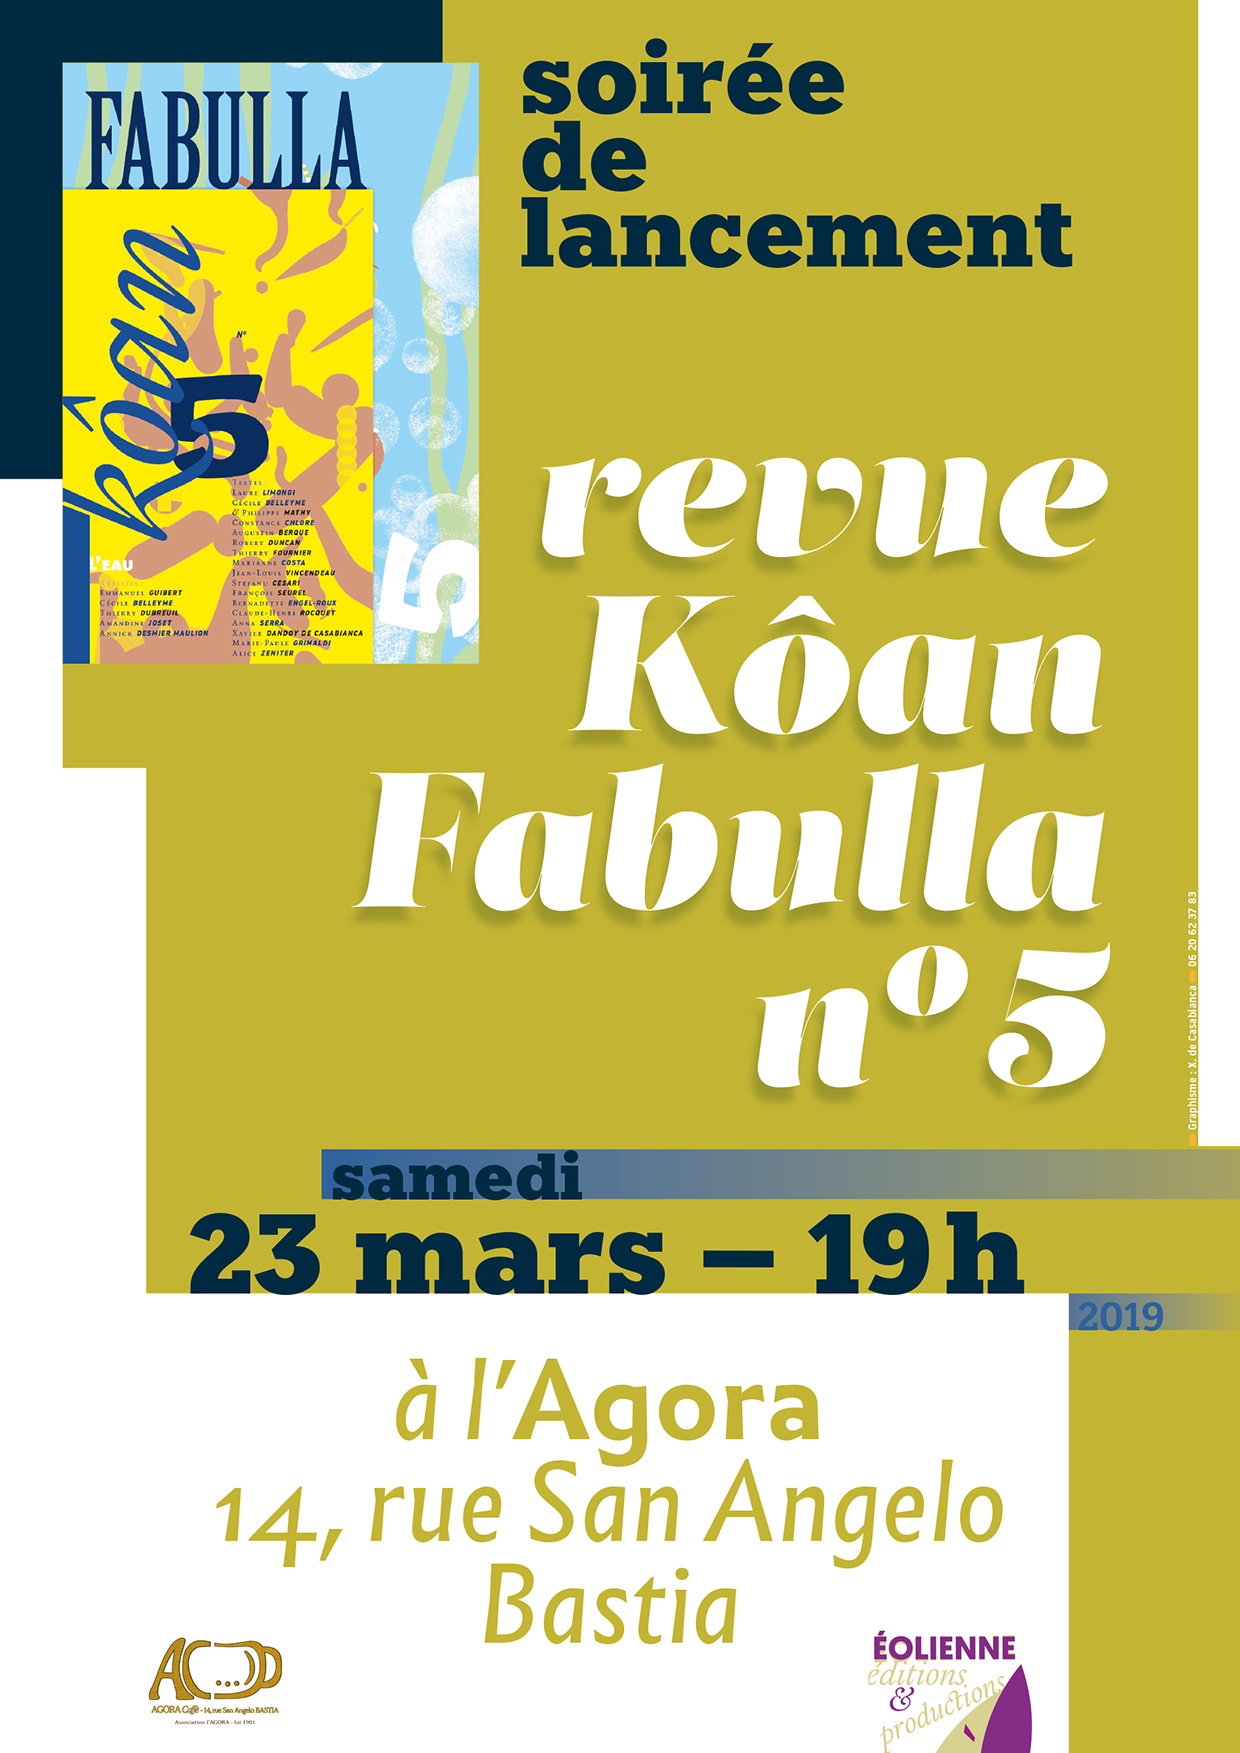 Soirée de lancement de la revue Fabulla-Kôan